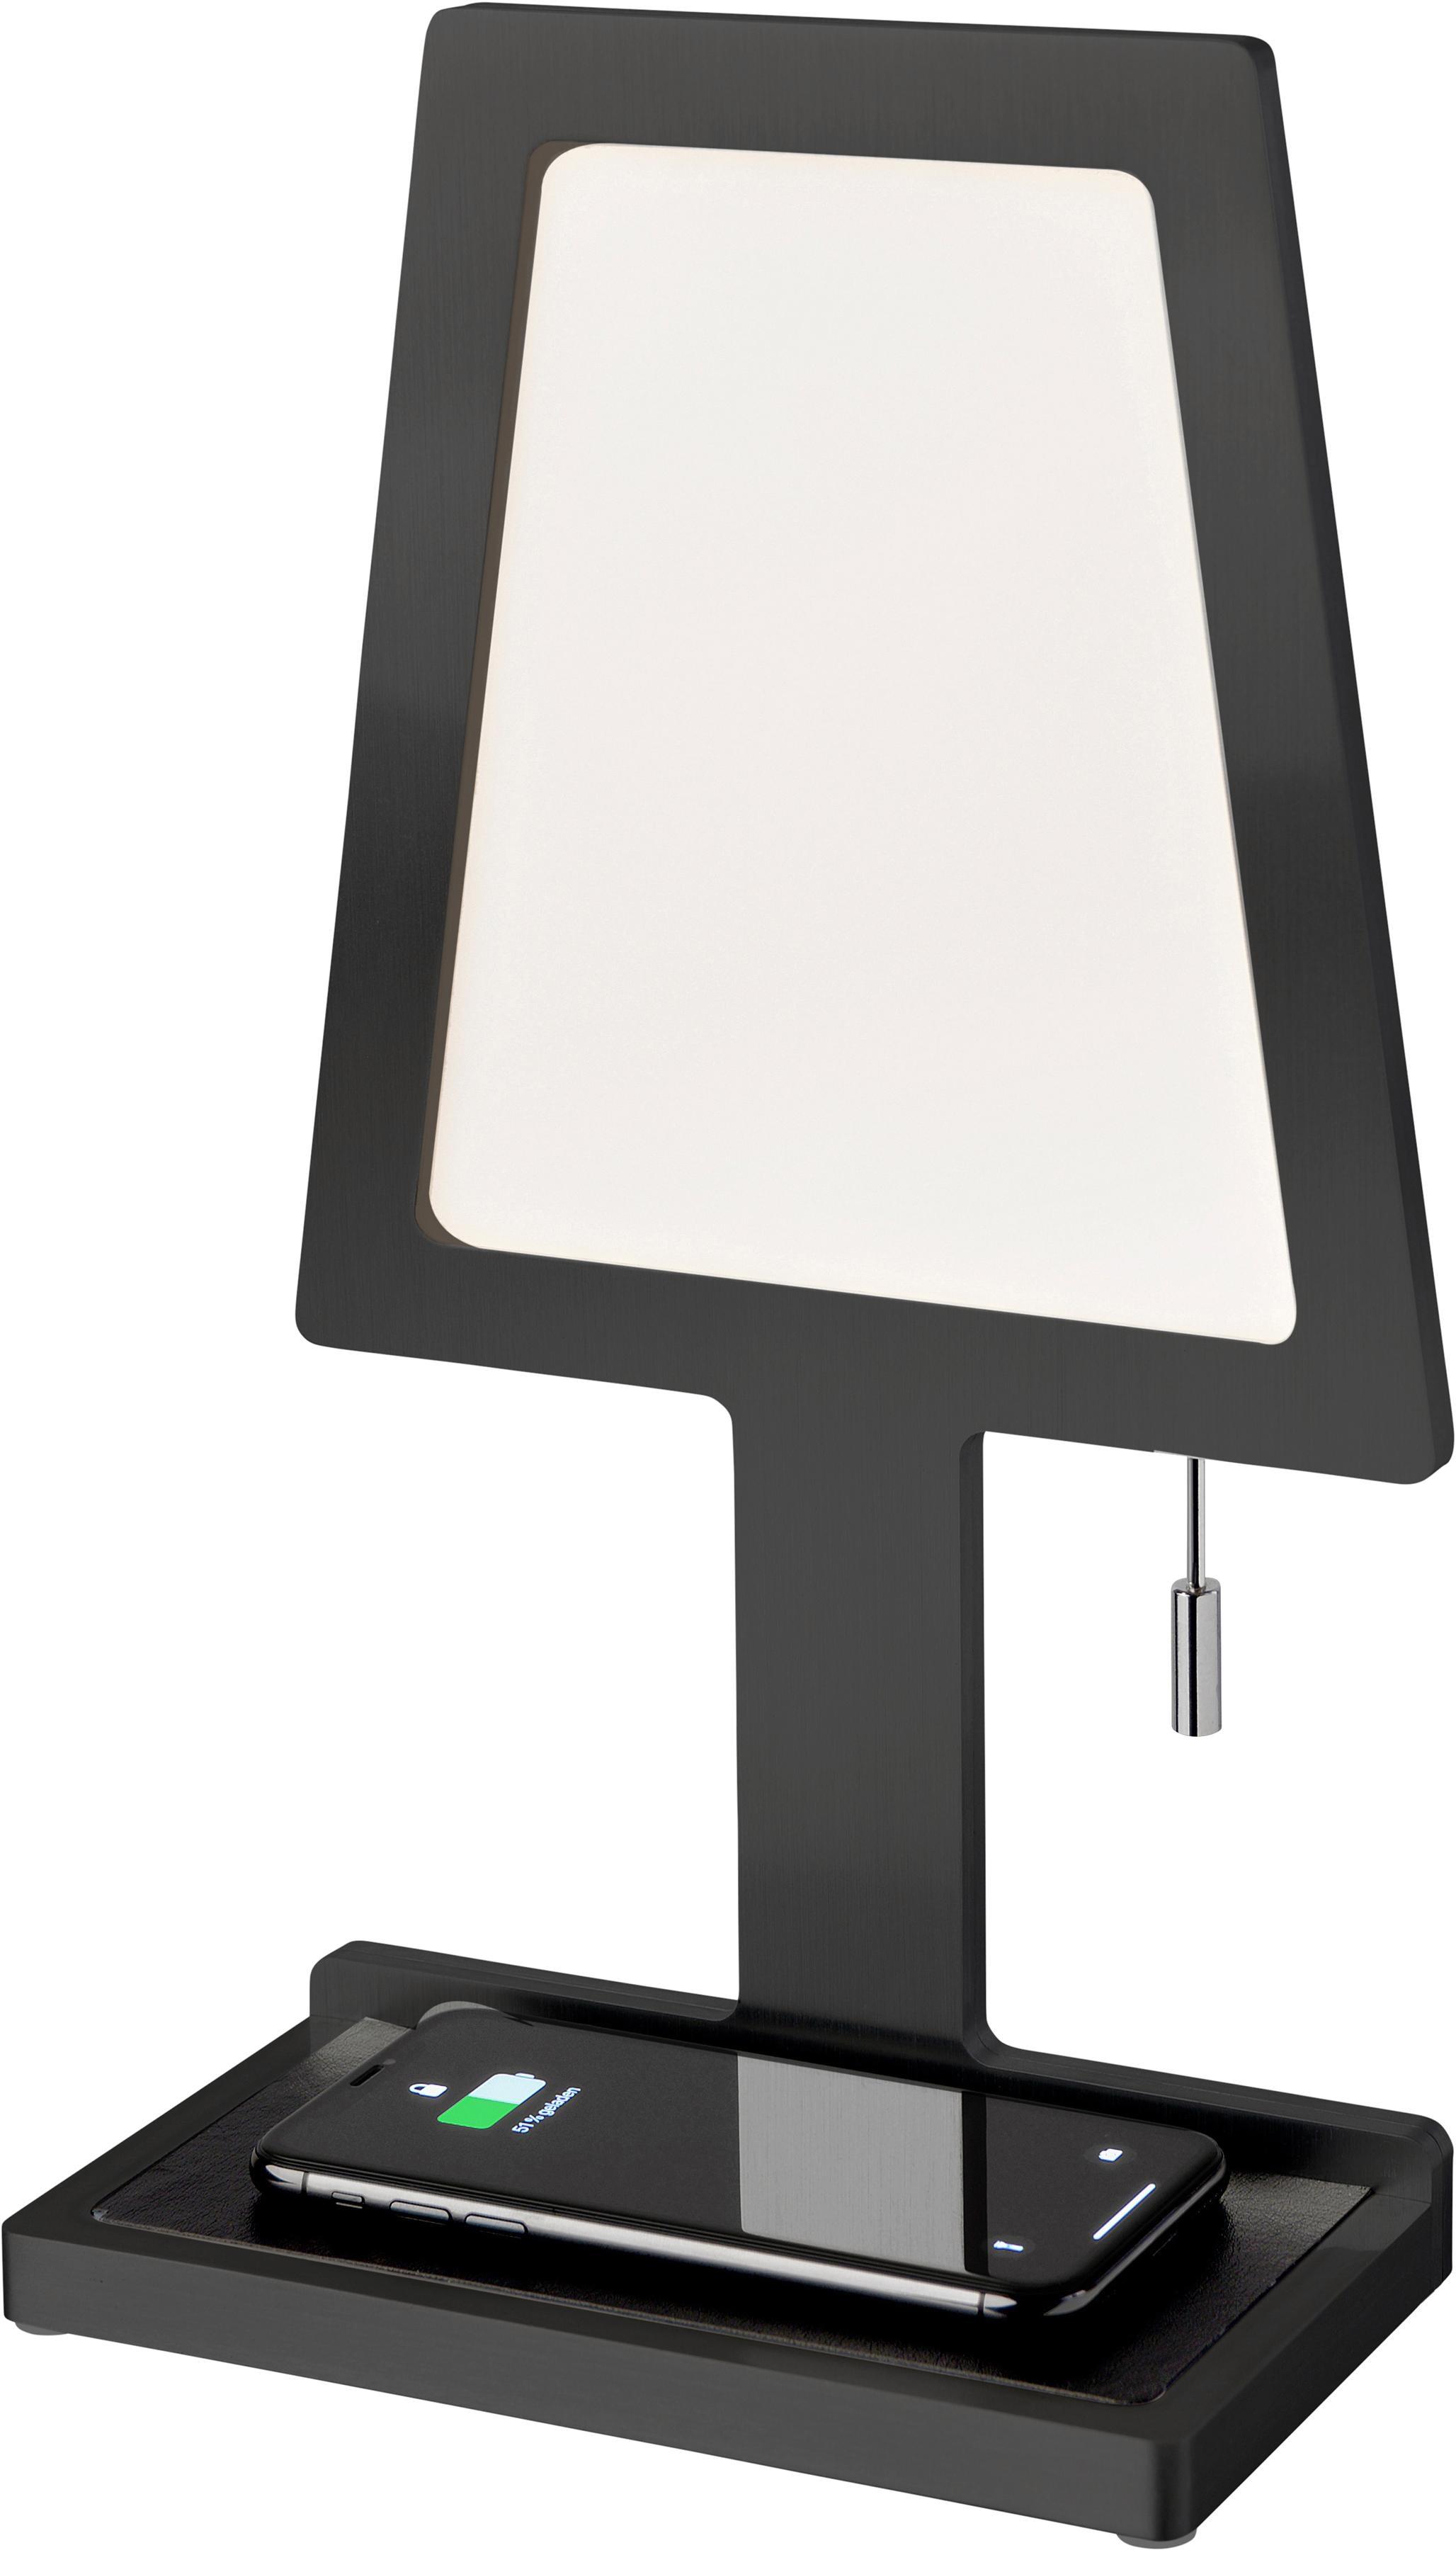 SOMPEX,LED Tischleuchte Steve-Phone